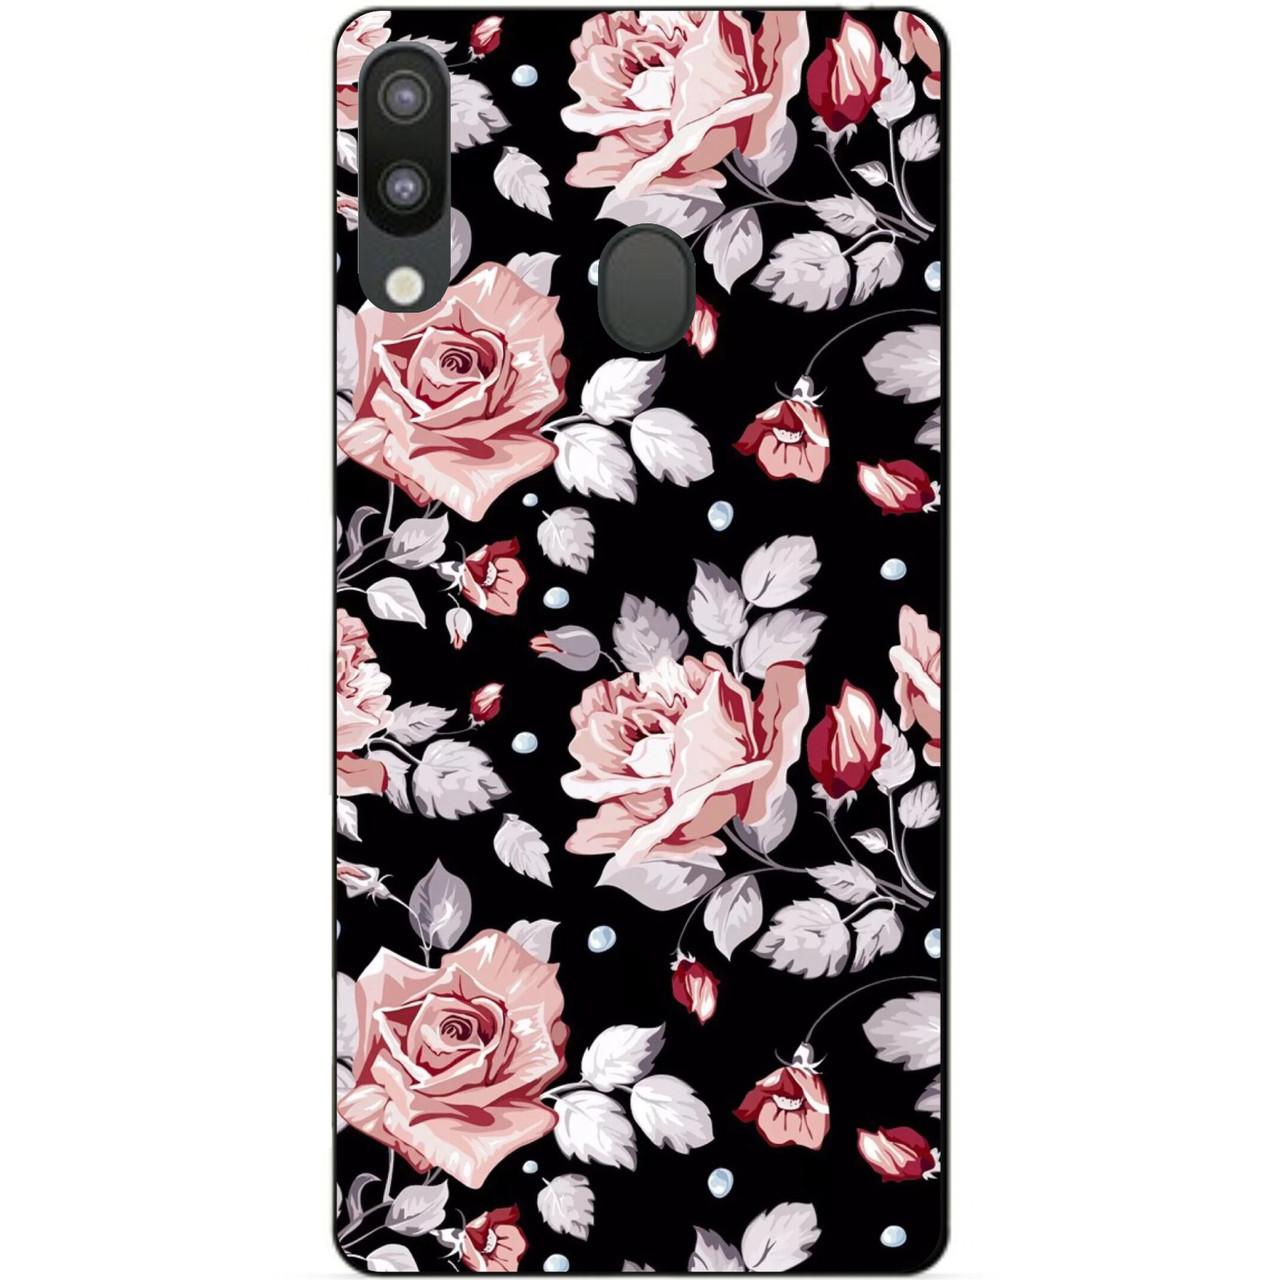 Чехол силиконовый для Samsung M20 с рисунком Розы на черном